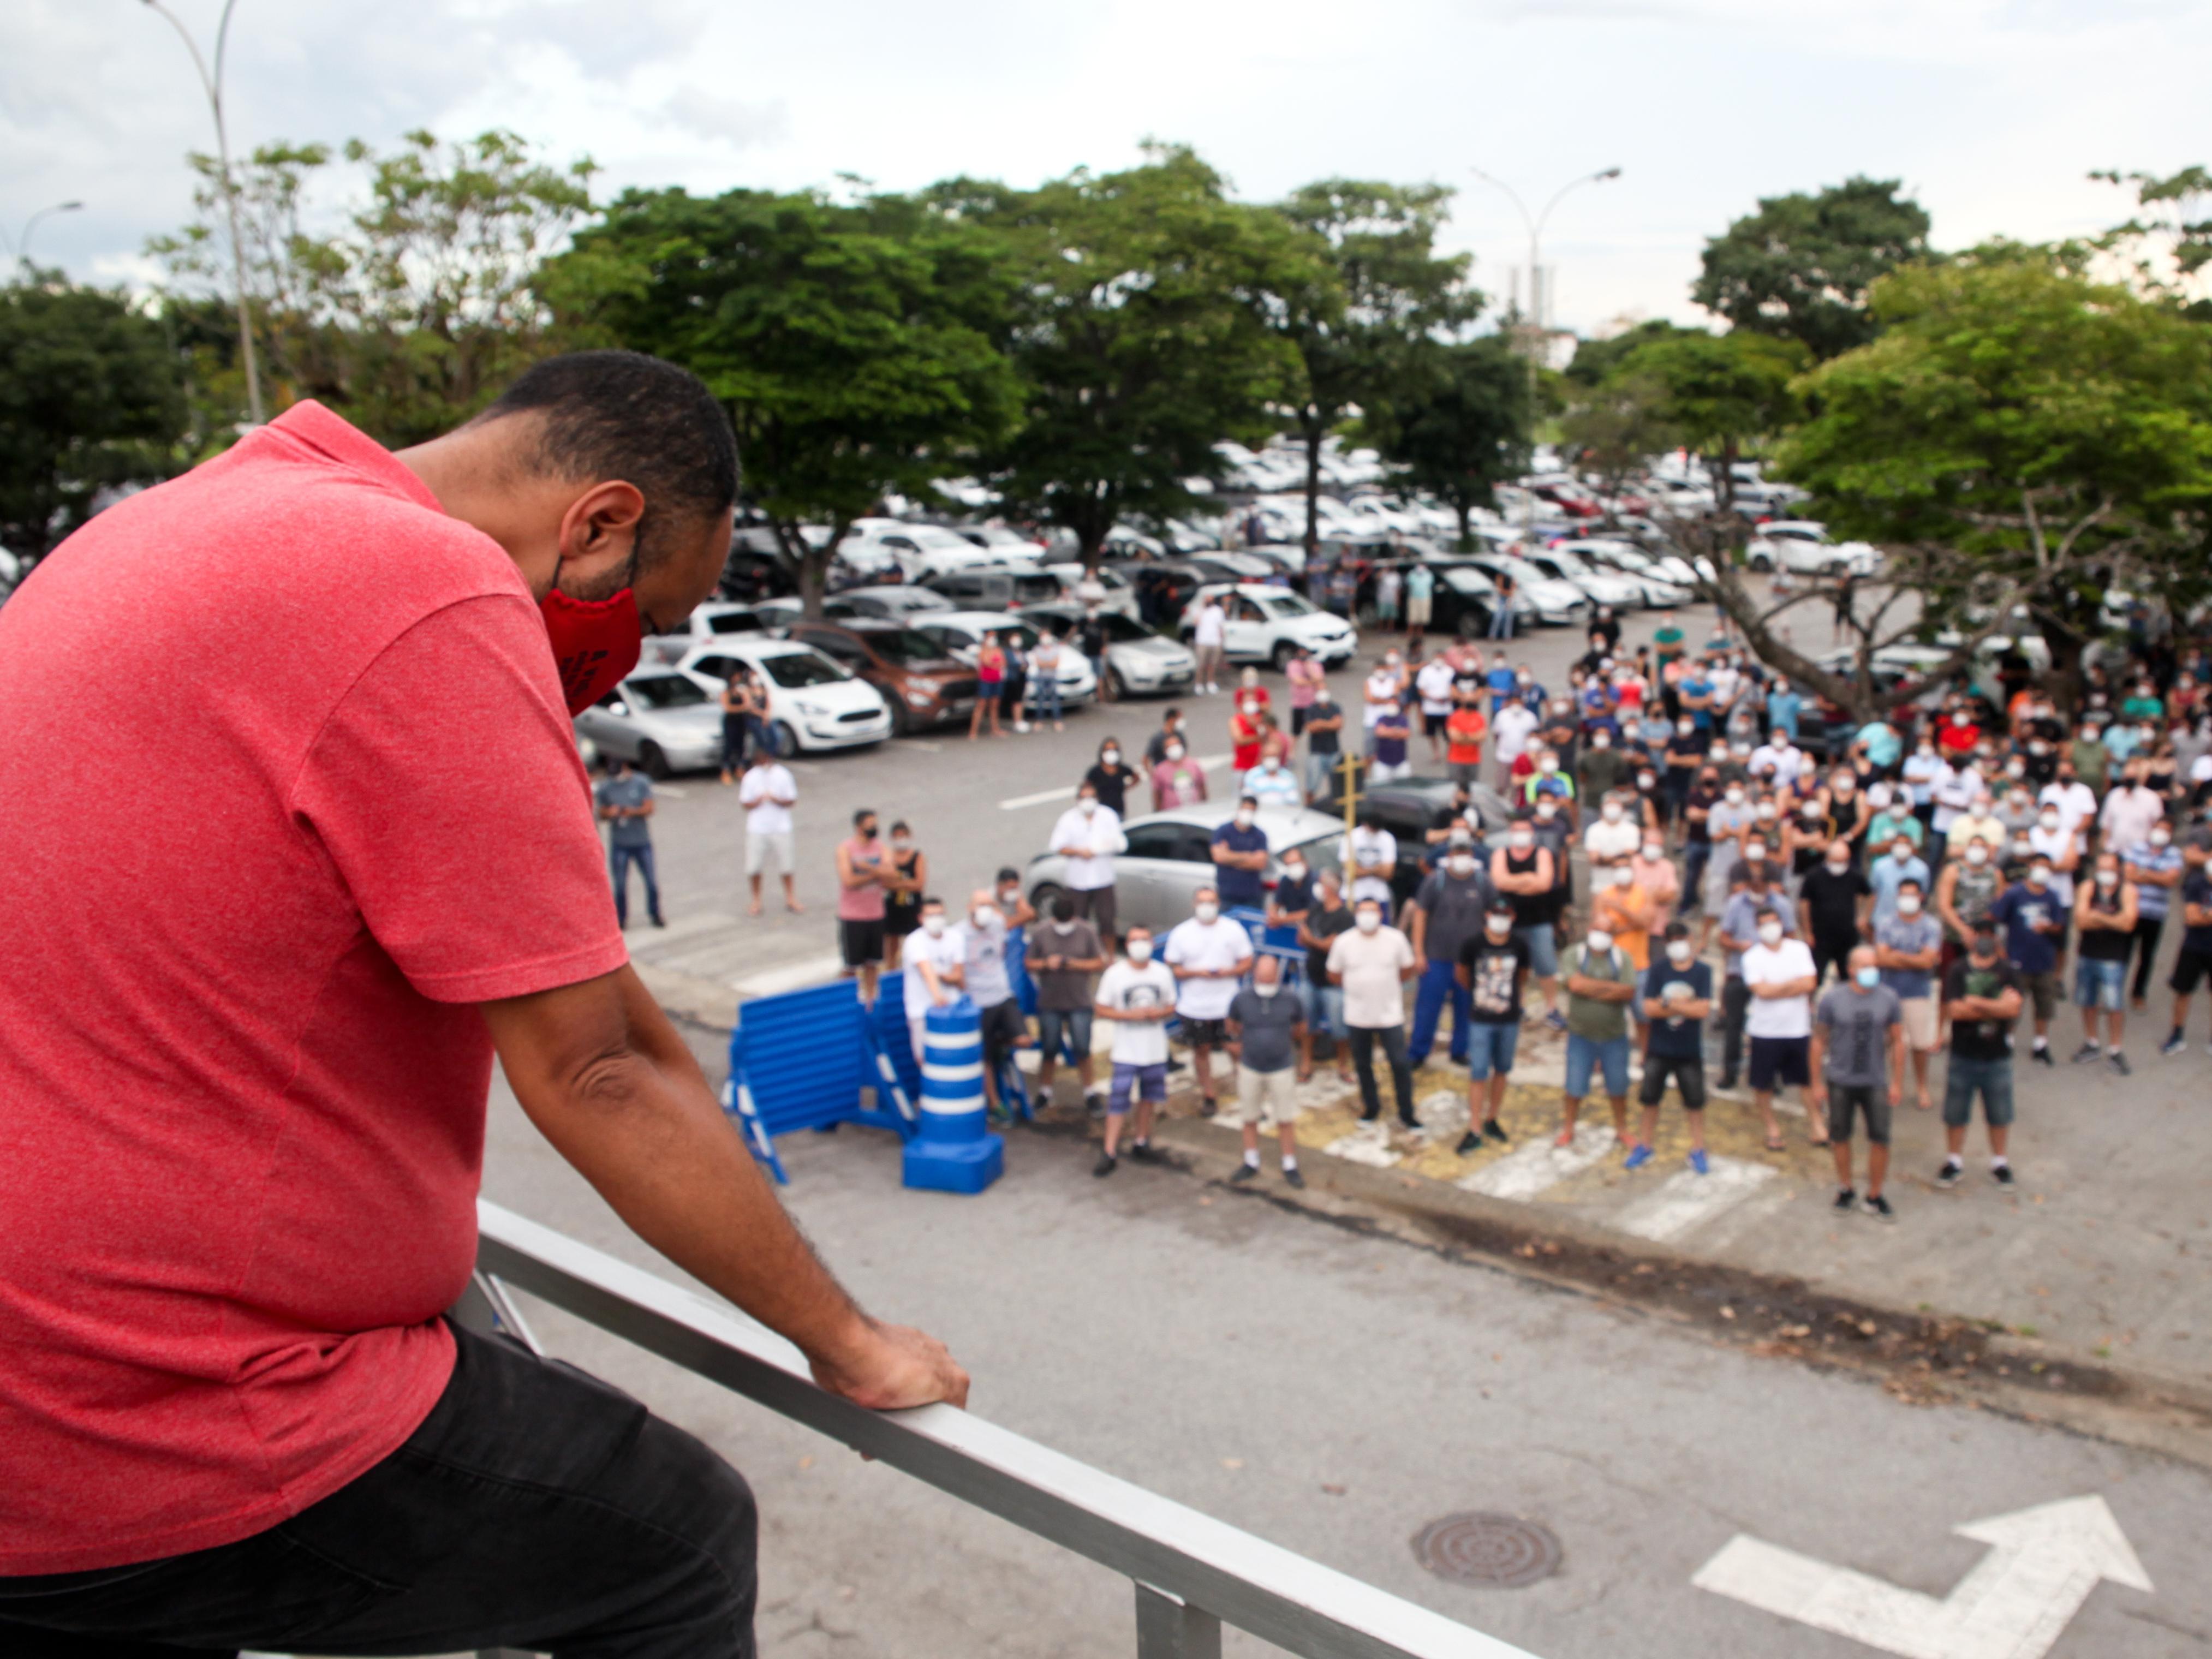 Funcionários da Ford protestam contra fechamento de fábricas no Brasil